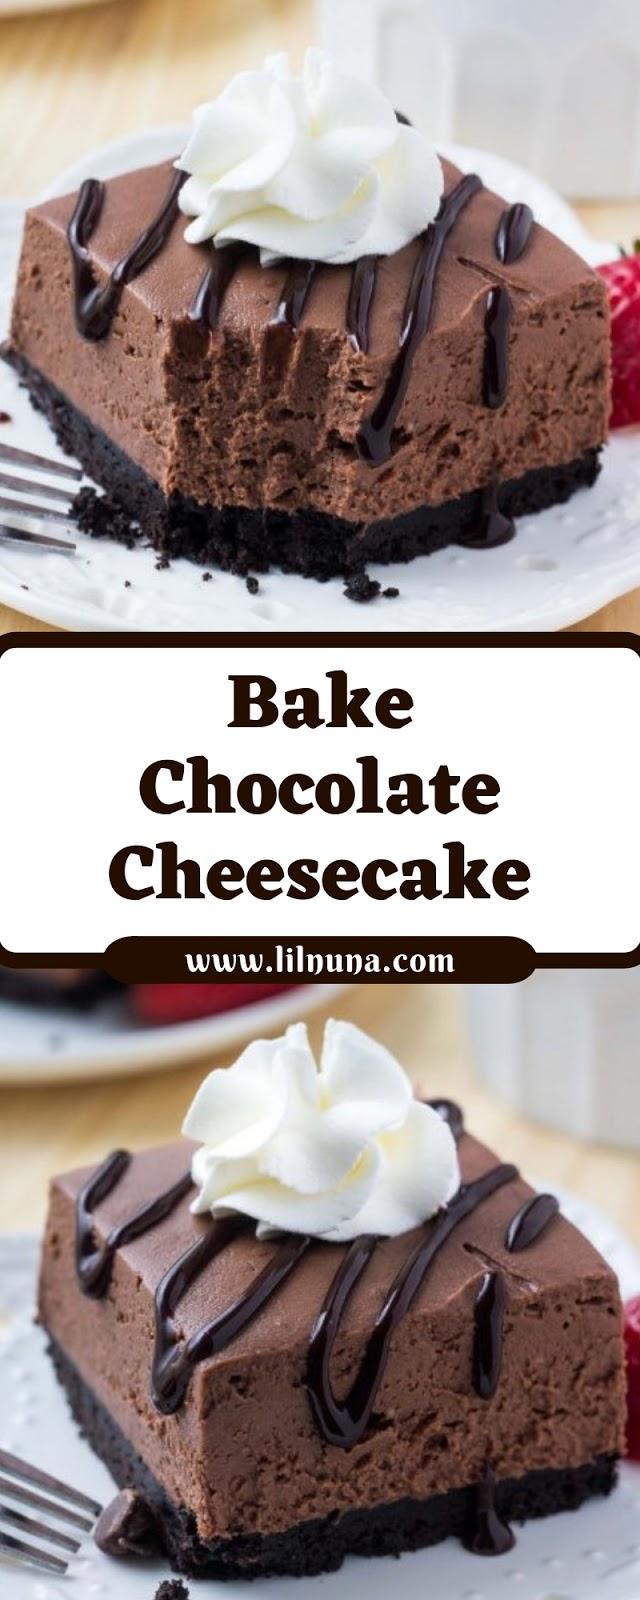 Bake Chocolate Cheesecake